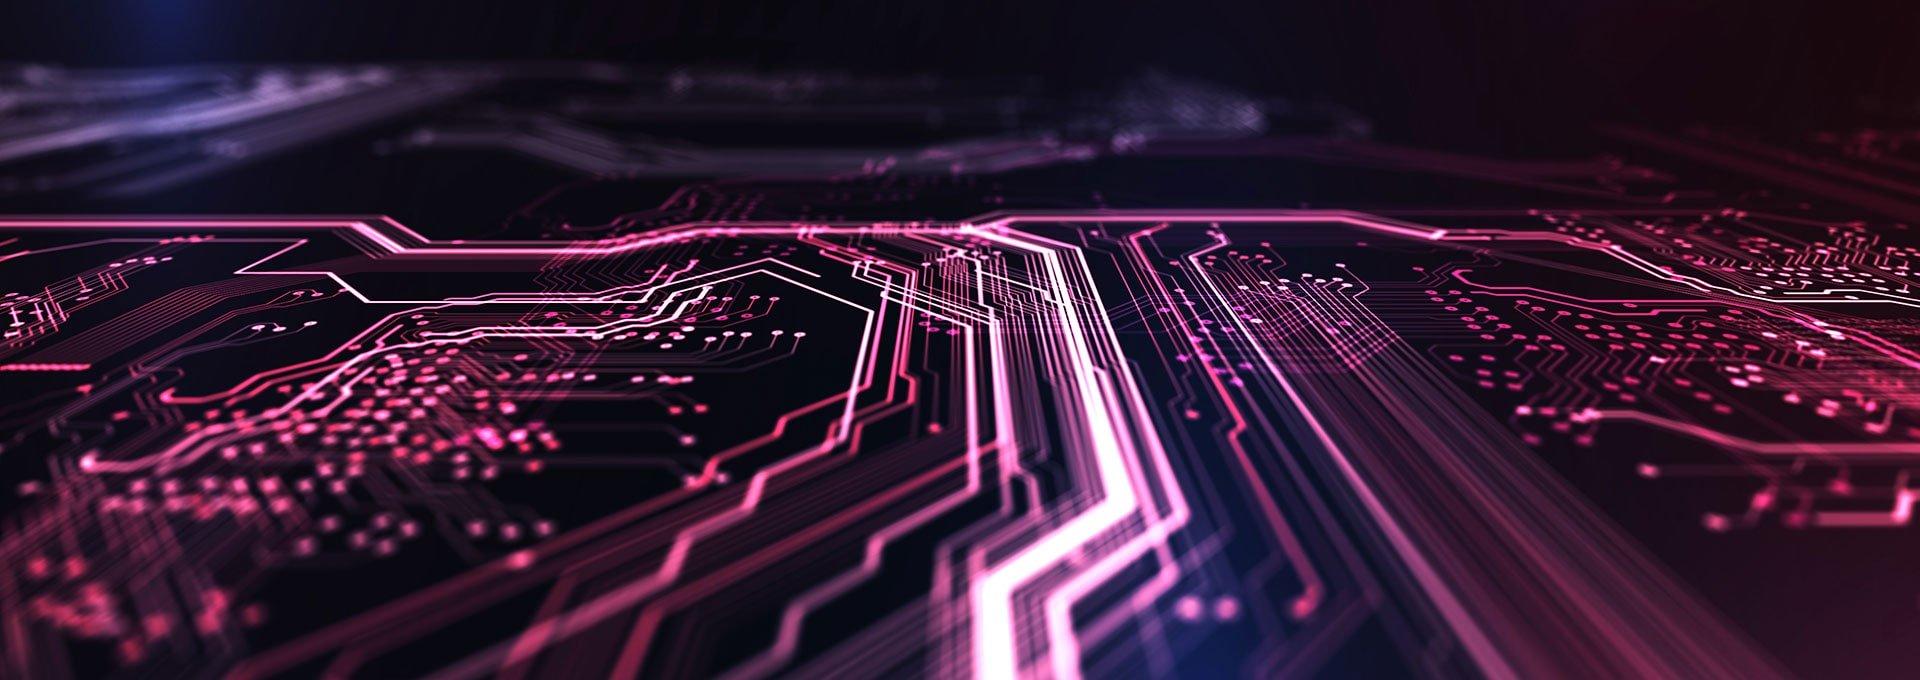 Donkerrode en blauwe technologieachtergrond met printplaat, code en een sterke witte lijn in het midden. Een 3D-illustratie.